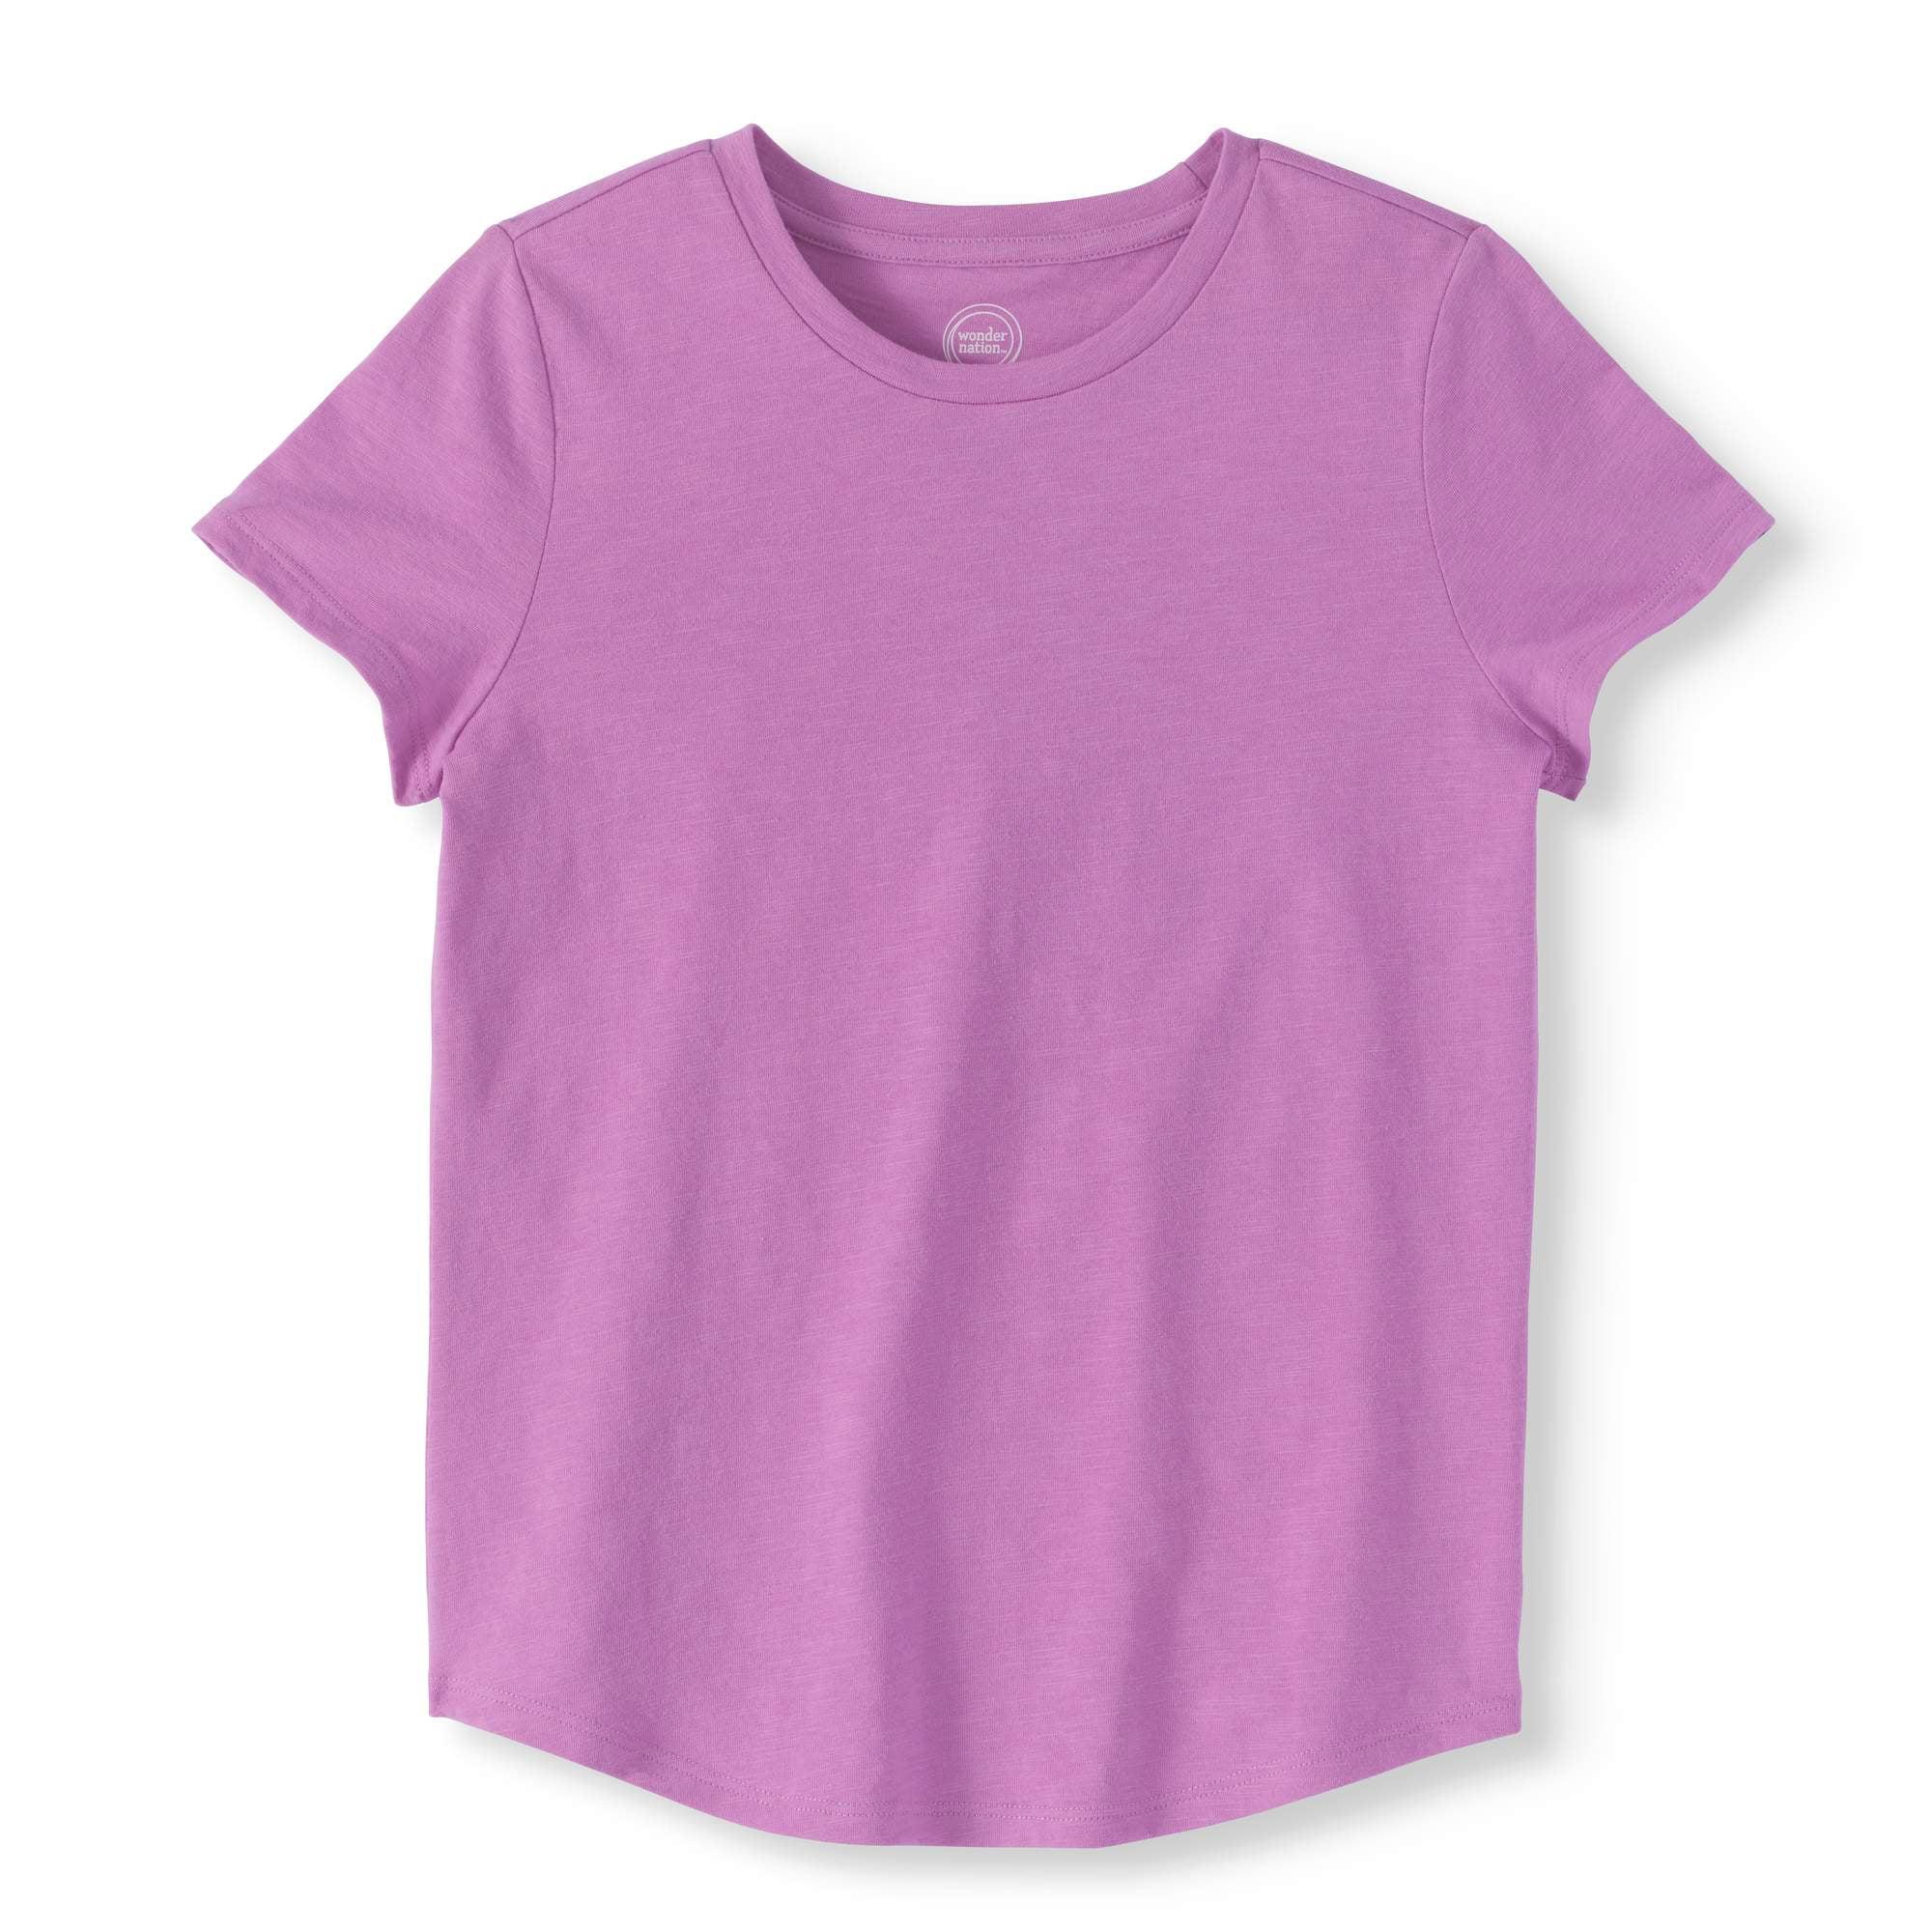 Girls' Crew Neck Short-Sleeve T-Shirt